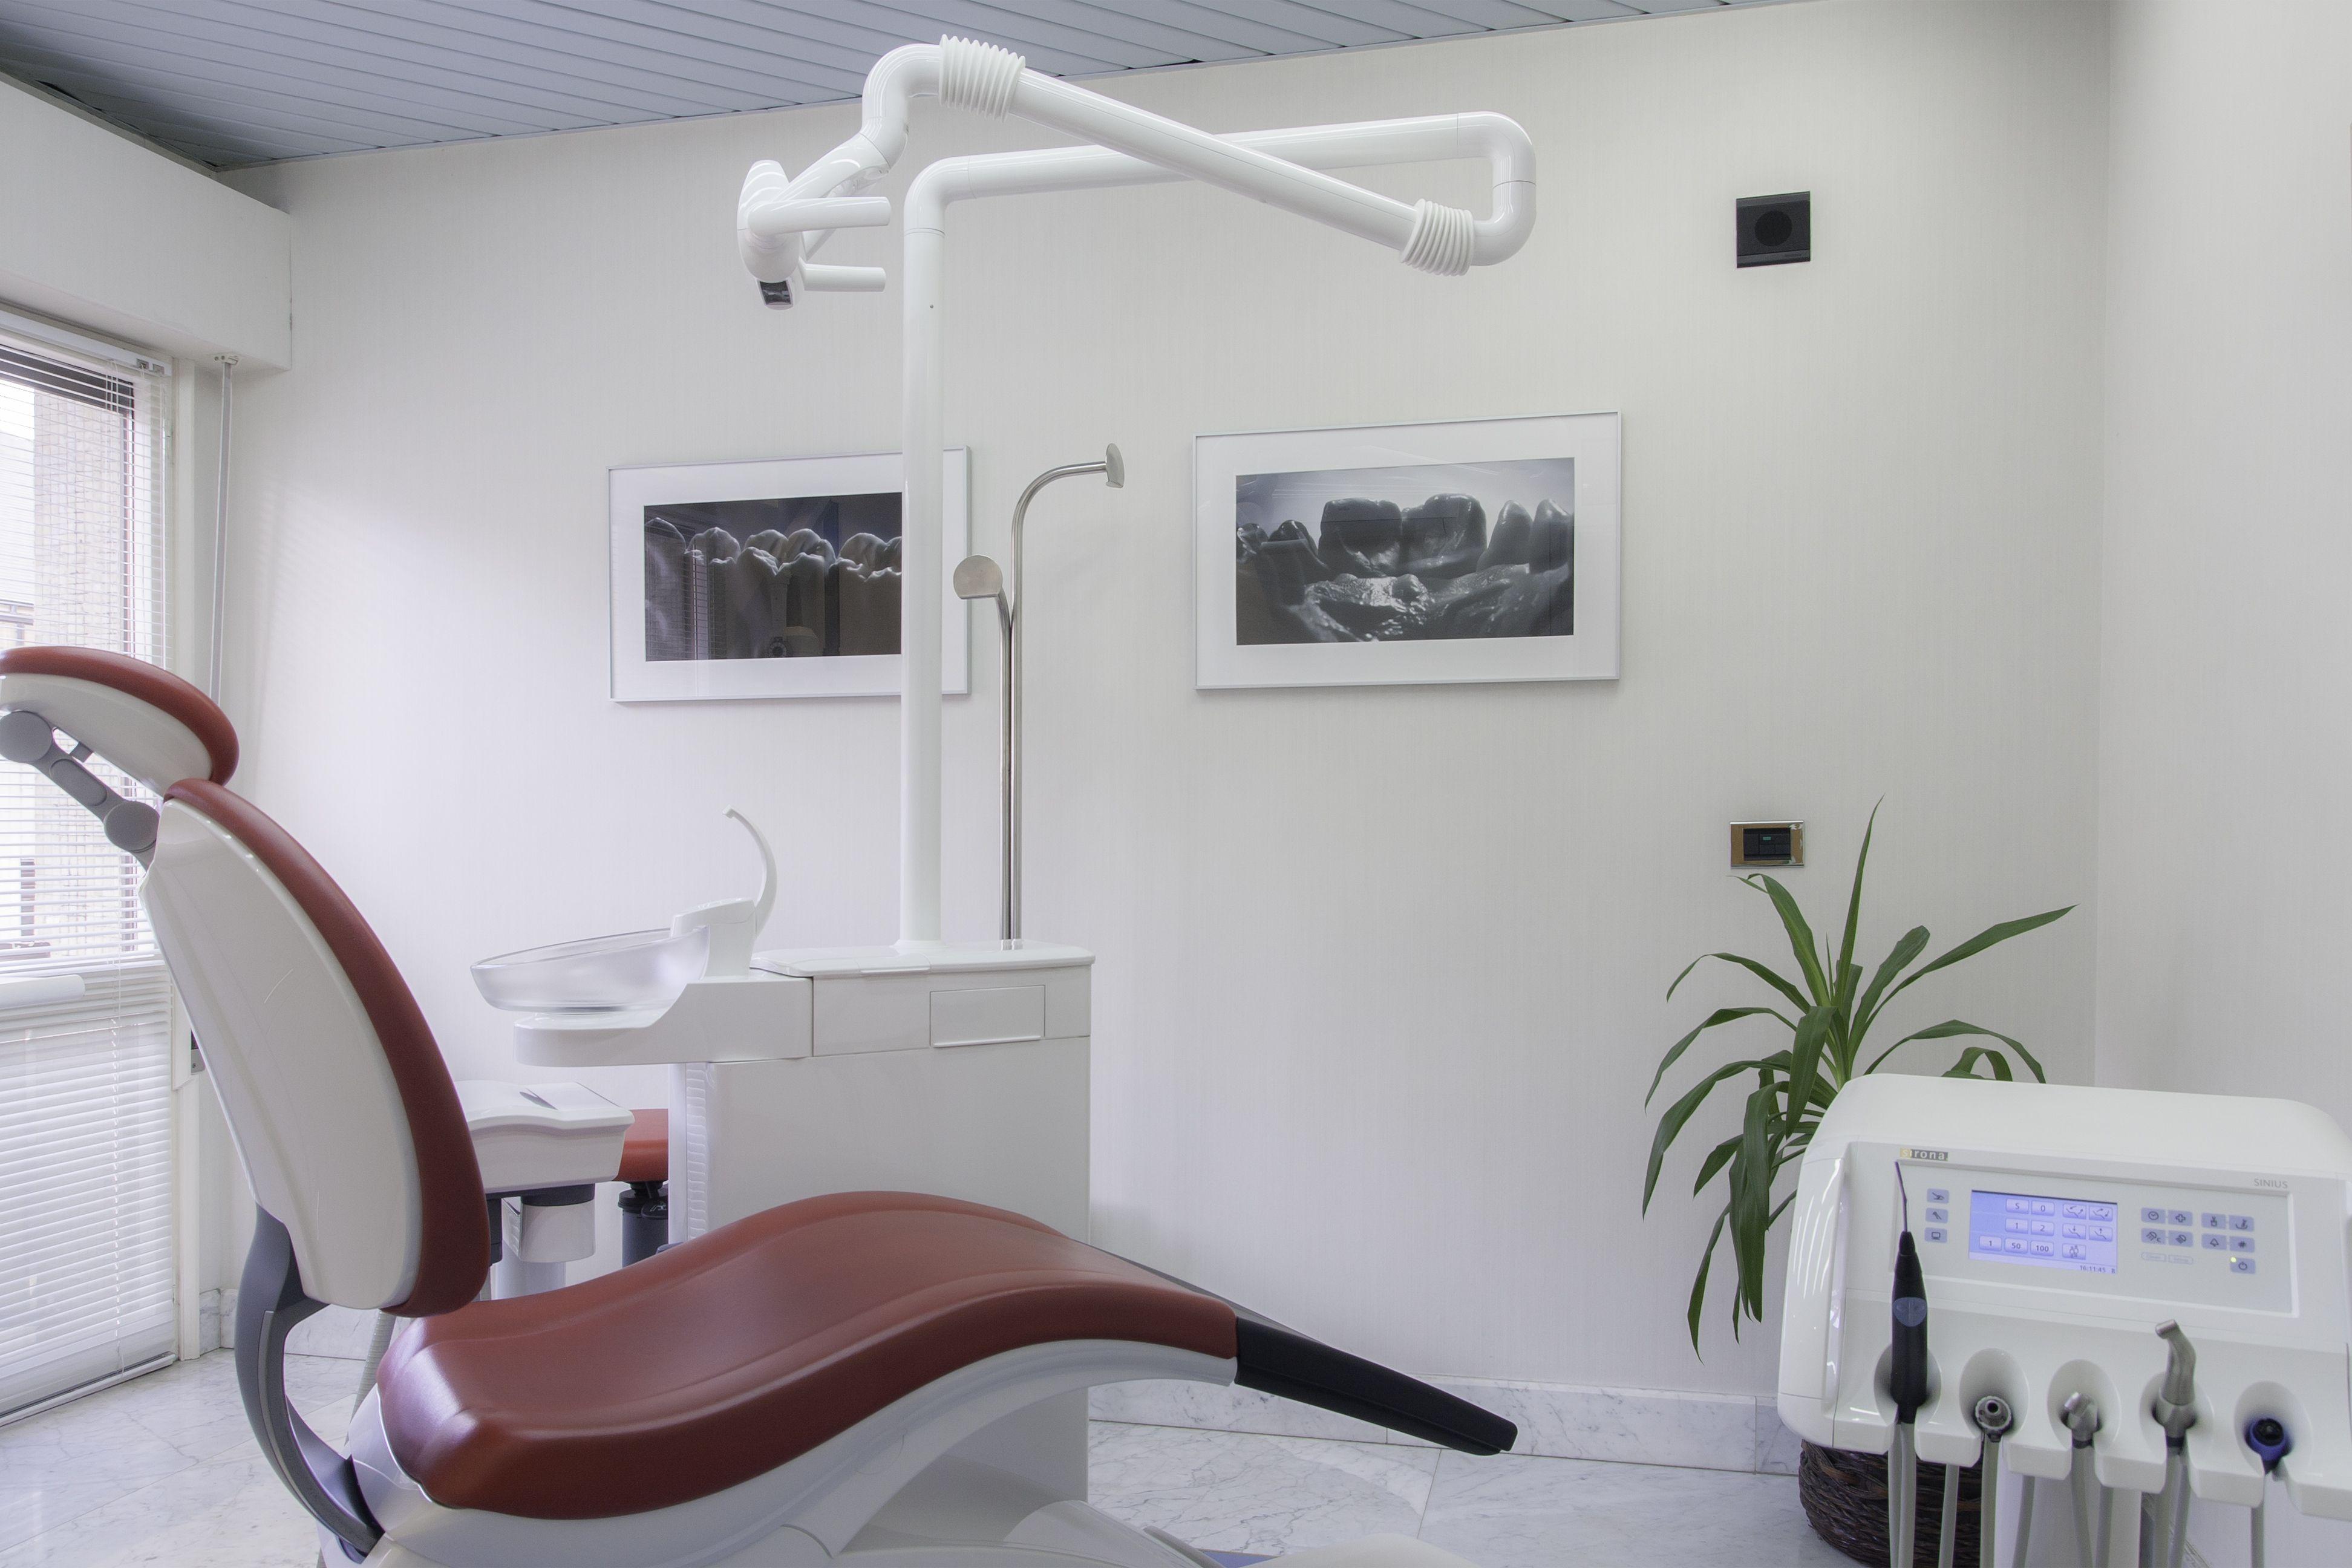 Foto 1 de Clínicas dentales en Oviedo | Enrique R. Rosell